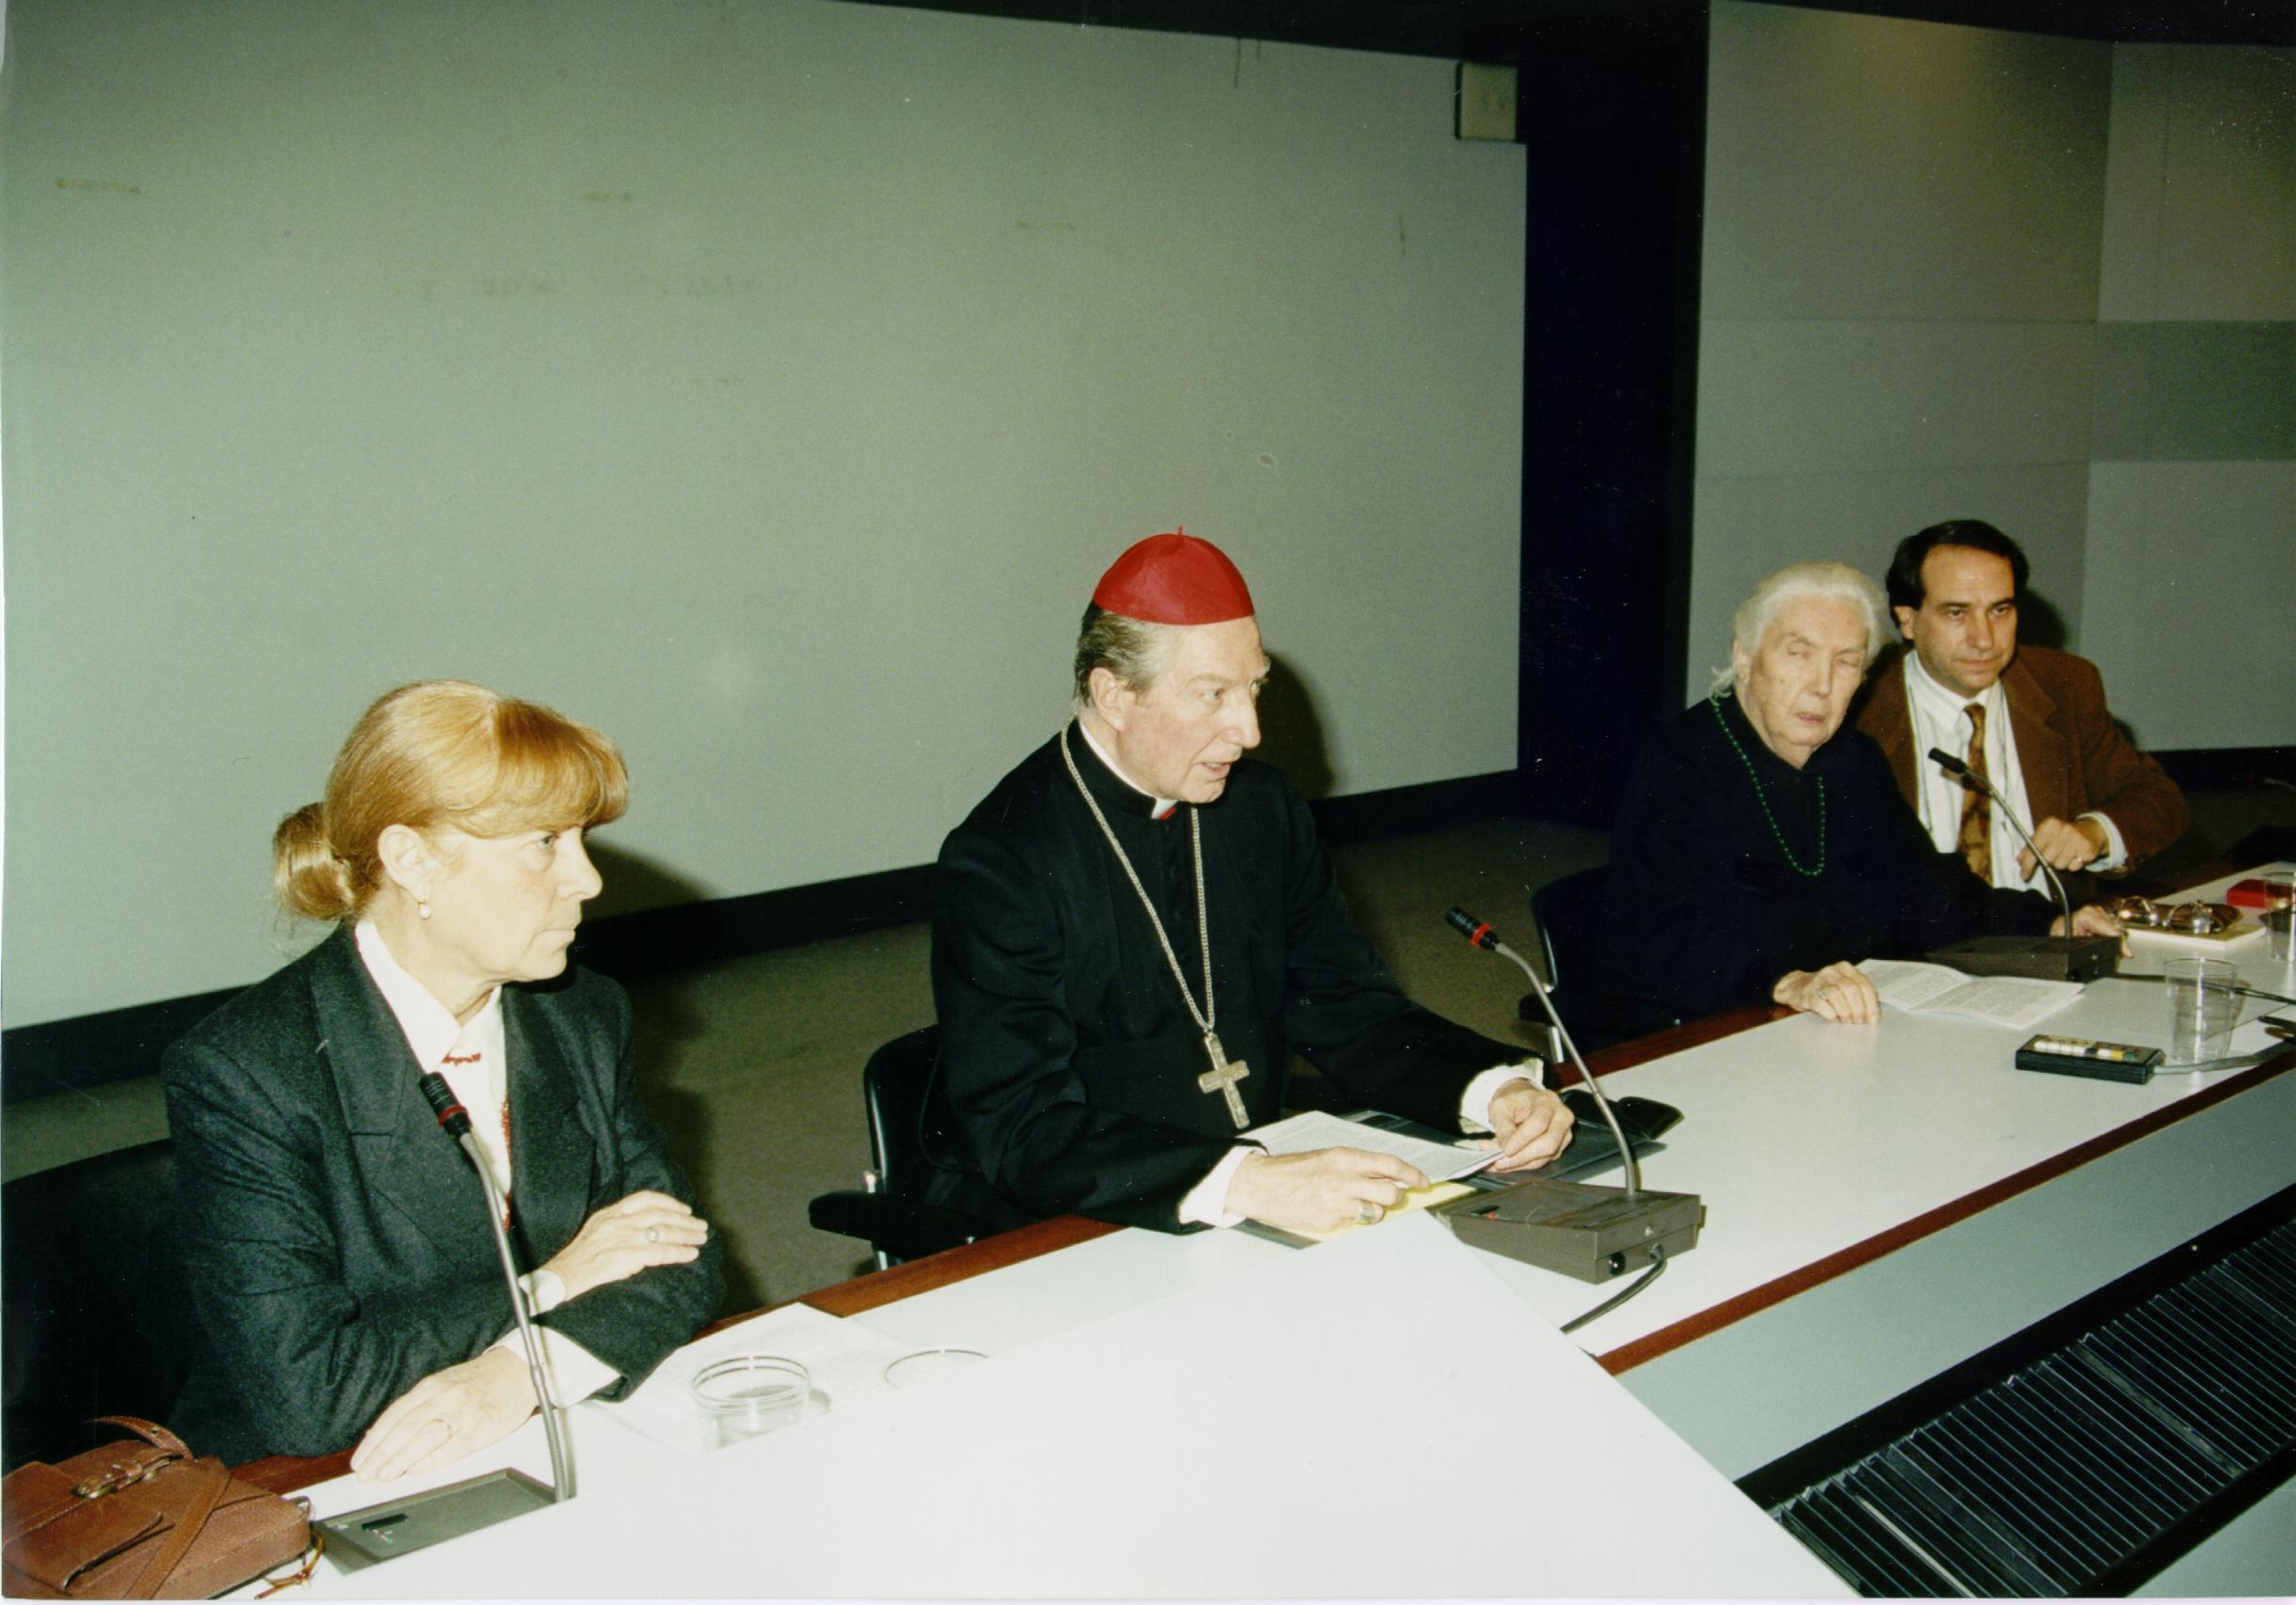 1996, IX edizione: da sinistra, Silvia Vegetti Finzi, il Cardinale, Lalla Romano e un altro ospite